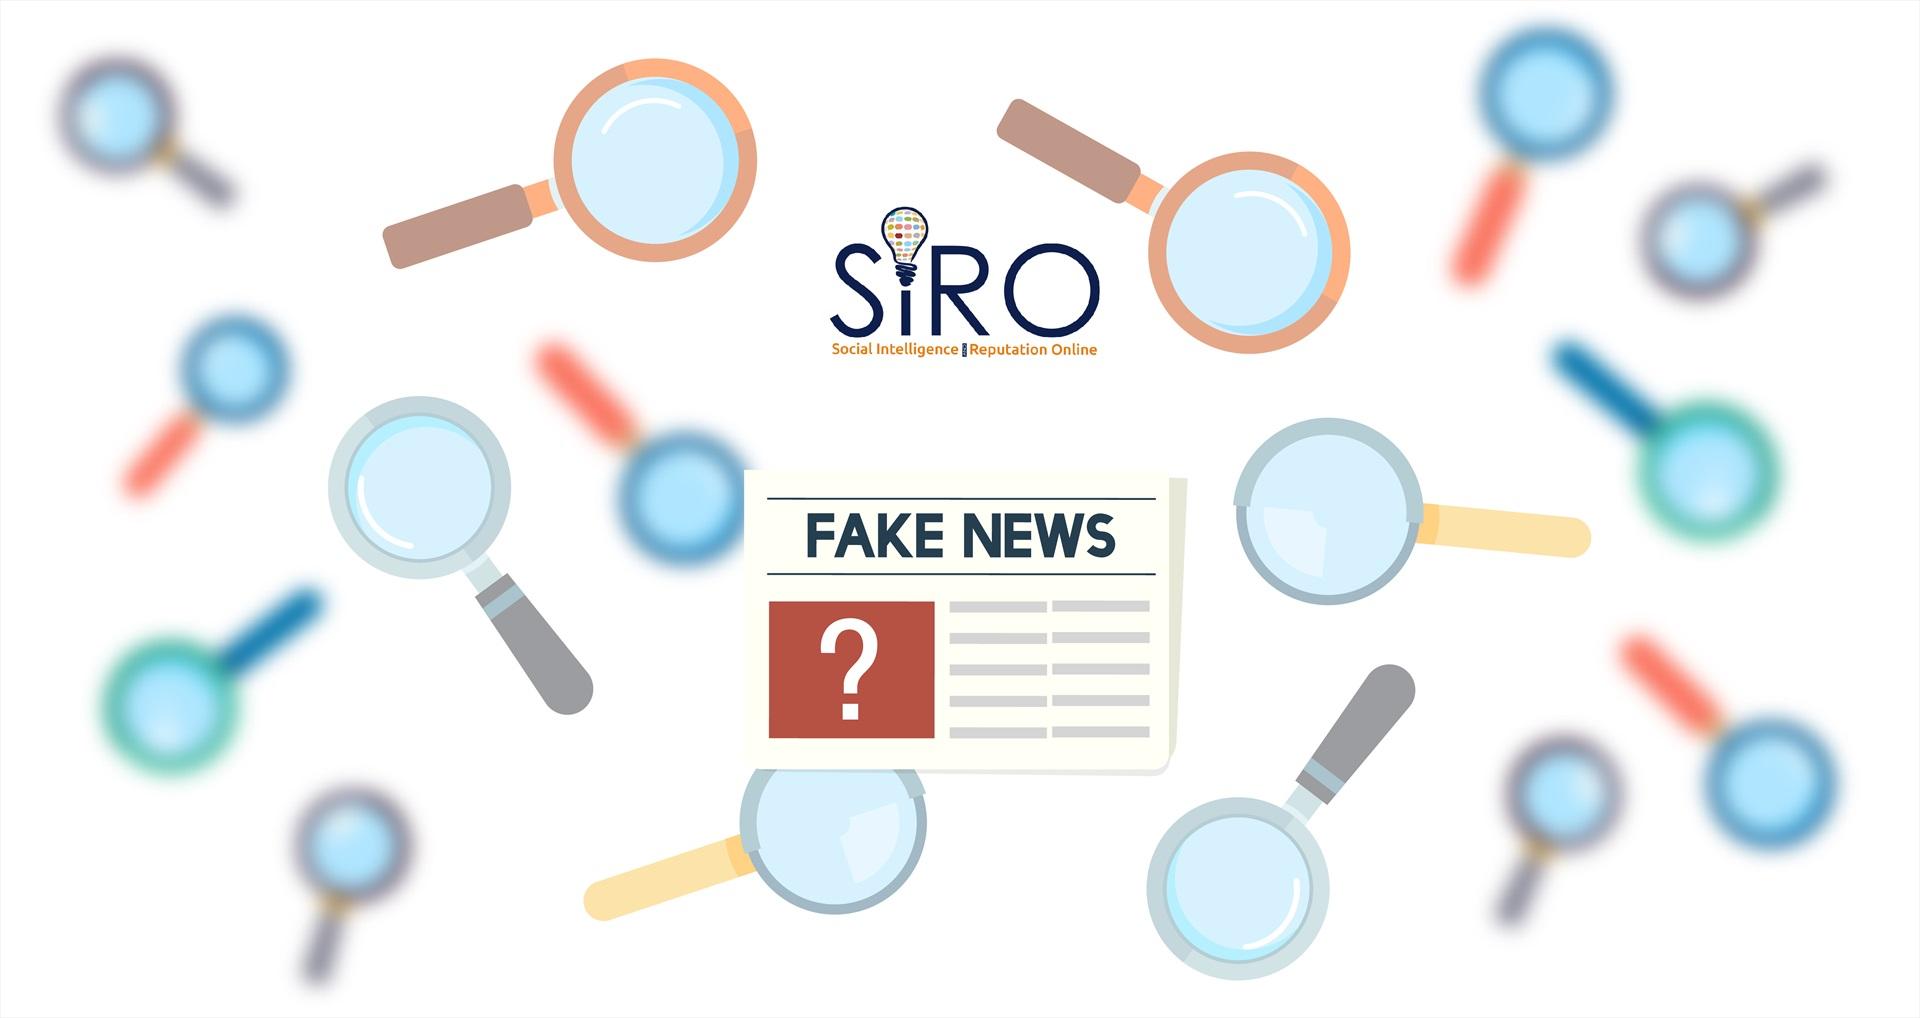 SIRO - ARTICOLI - Coronavirus e fake news: come riconoscere la notizia